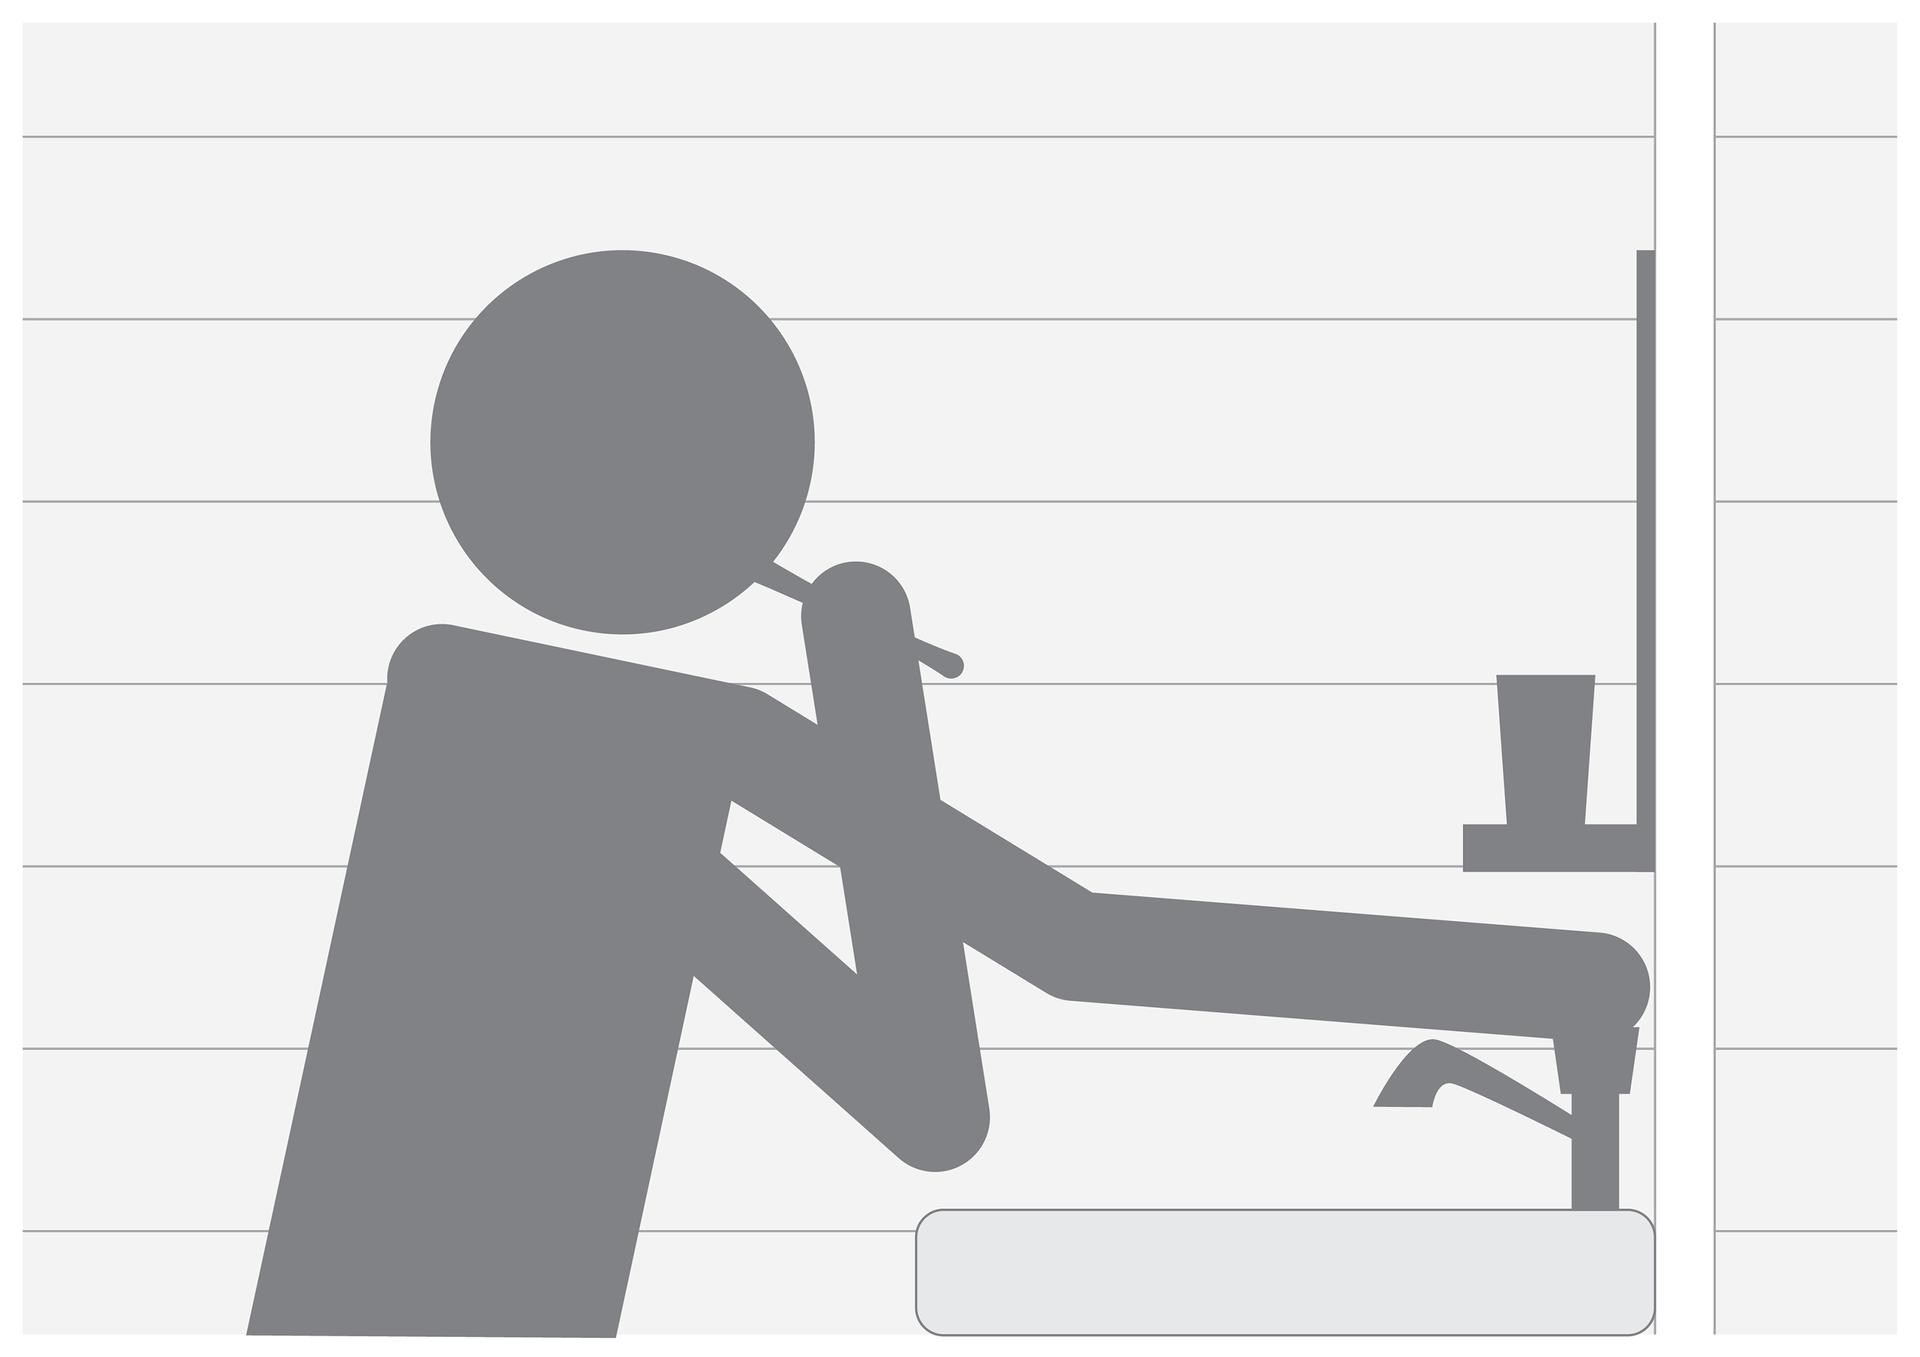 Czwarta ilustracja wgalerii. Przedstawia czarno biały symboliczny rysunek człowieka myjącego zęby przy umywalce ijednocześnie drugą ręką zakręcającego kran.